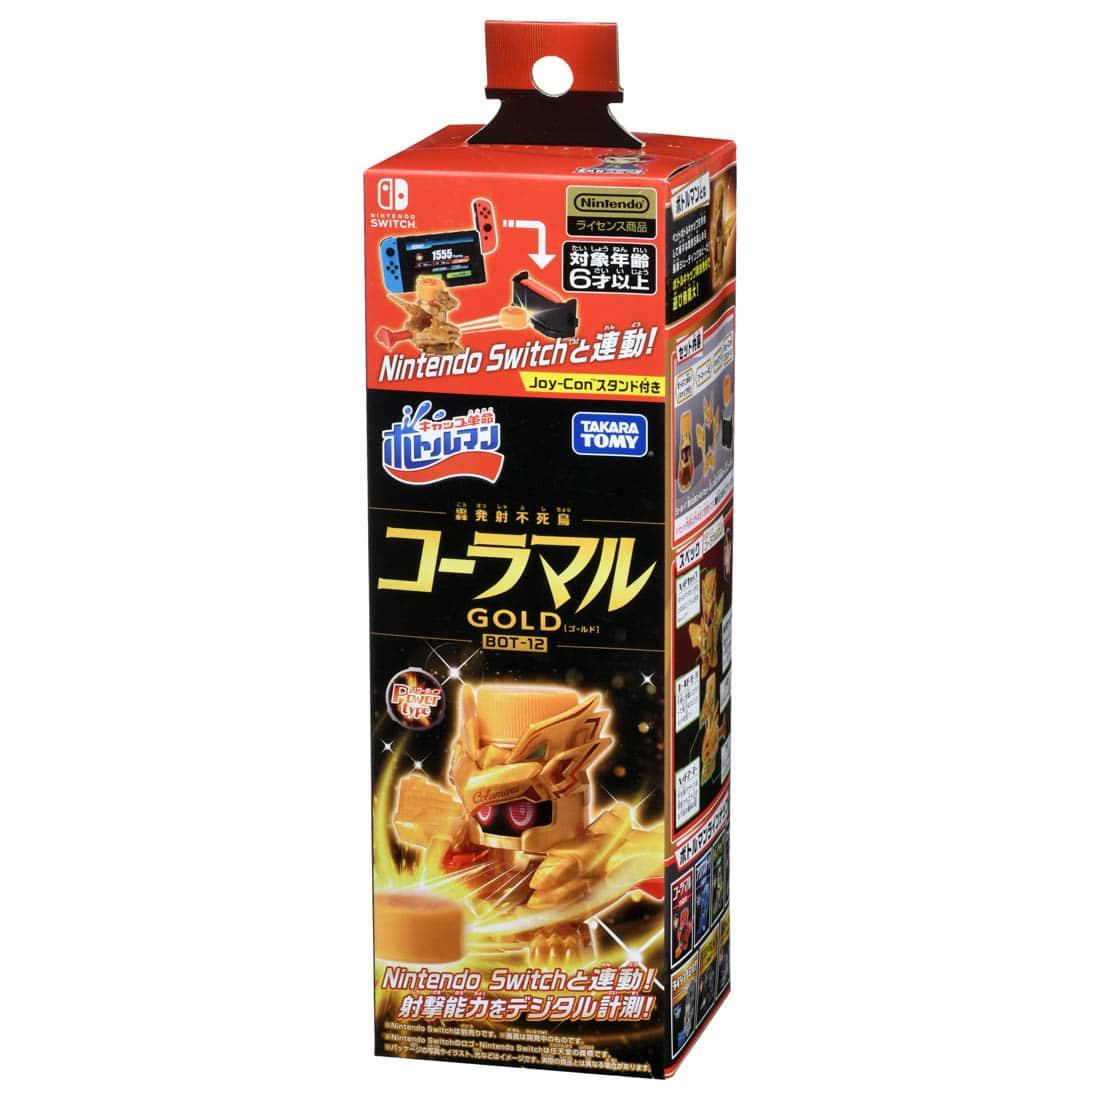 キャップ革命 ボトルマン『BOT-12 コーラマル GOLD』おもちゃ-006